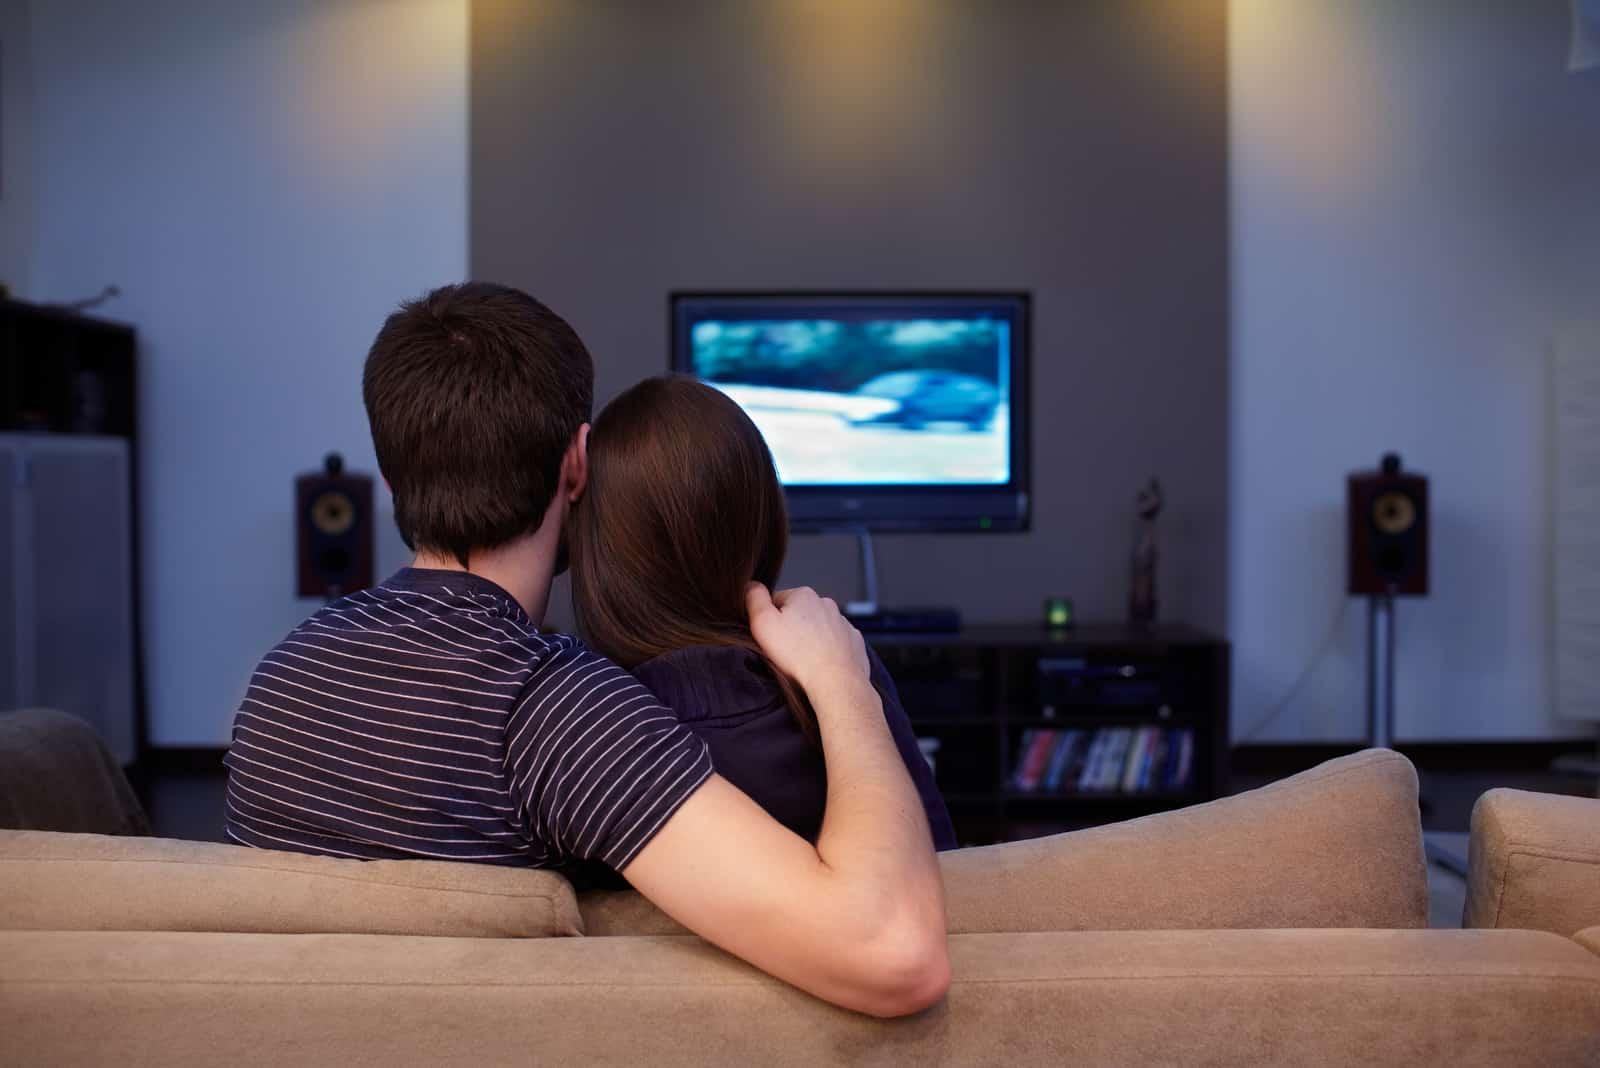 un couple amoureux embrassant assis et regardant la télévision